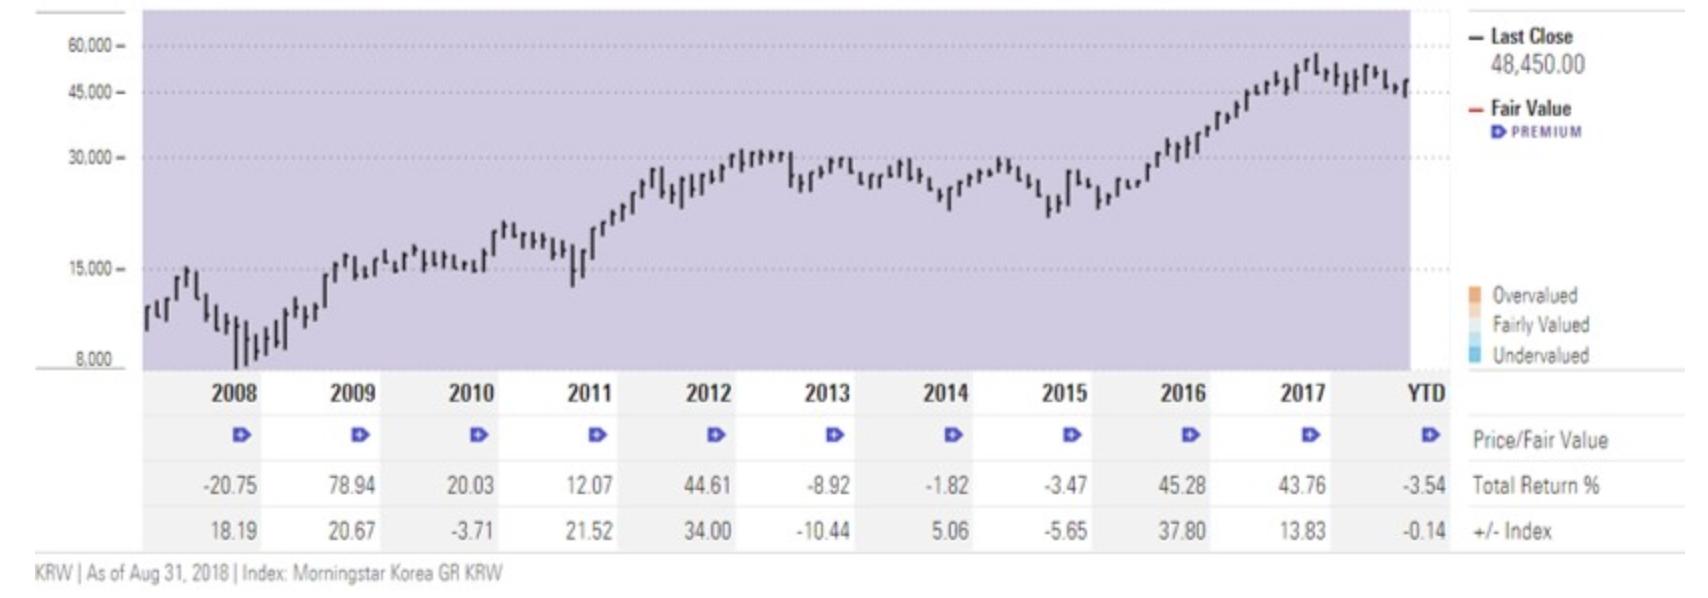 サムスン電子の株価指標